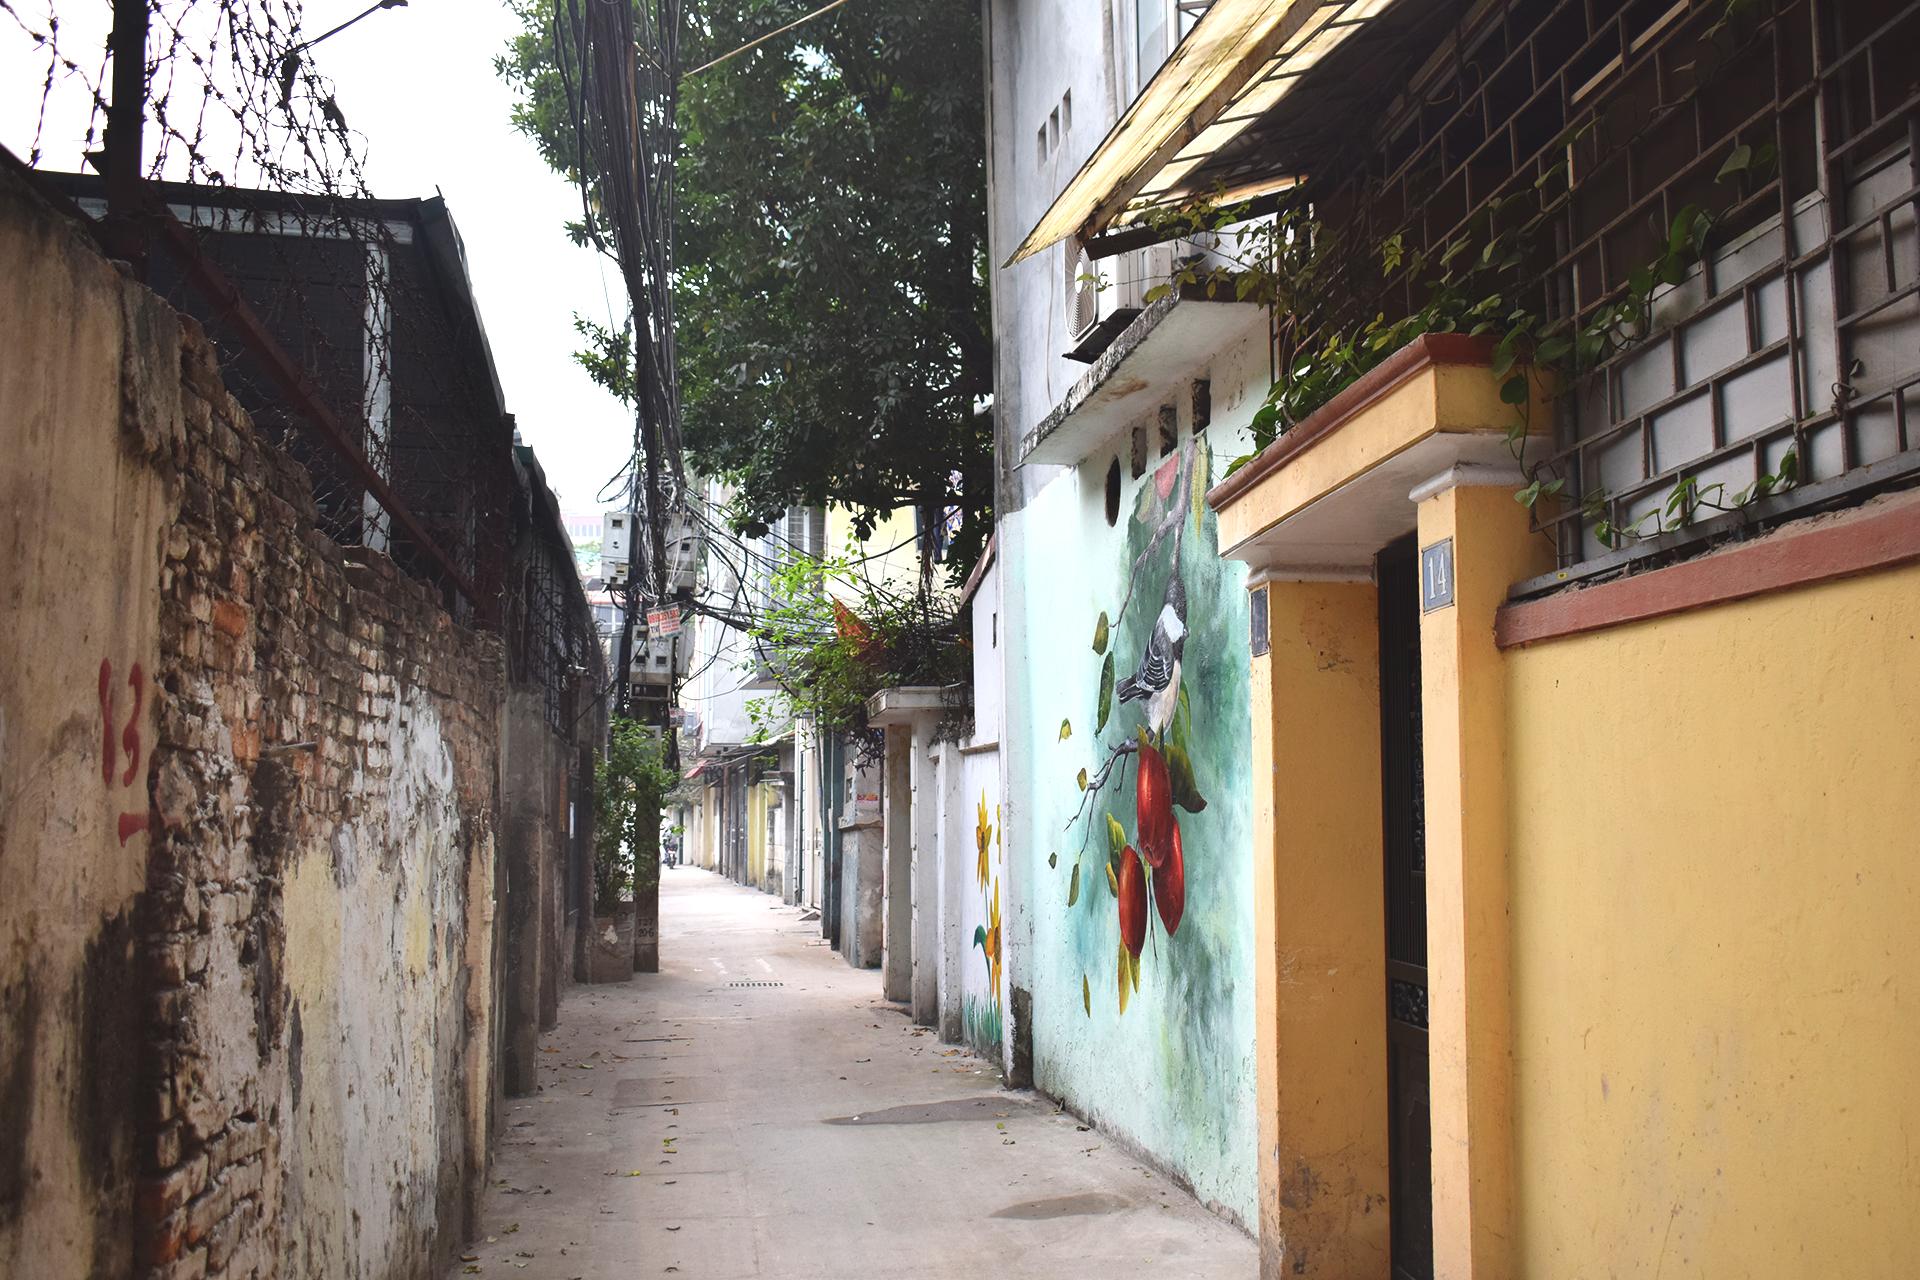 Hai khu đất dính quy hoạch ở phường Phương Liệt, Thanh Xuân, Hà Nội - Ảnh 14.